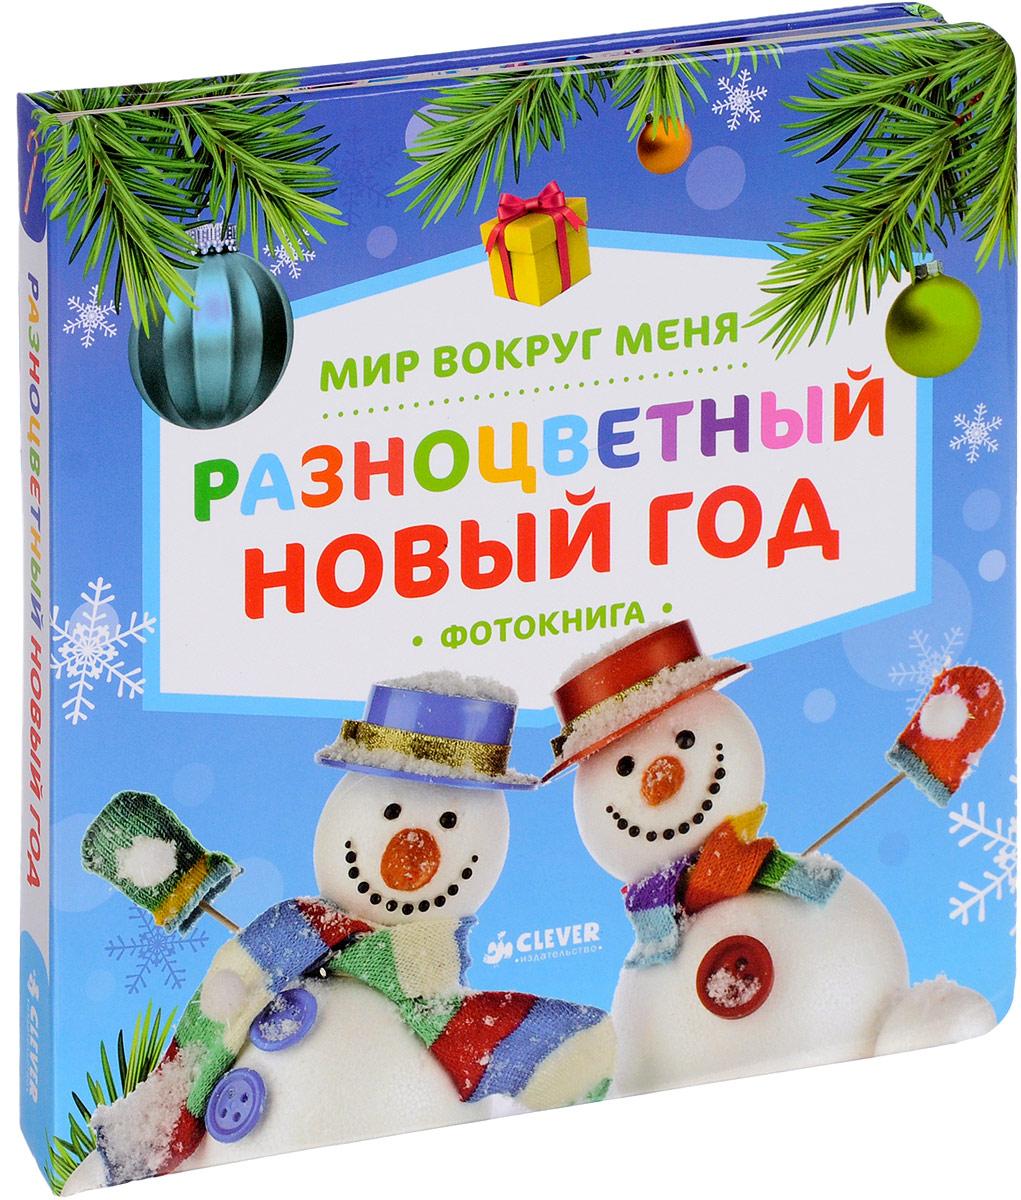 Zakazat.ru: Мир вокруг меня. Разноцветный Новый год. Фотокнига. Татьяна Коваль